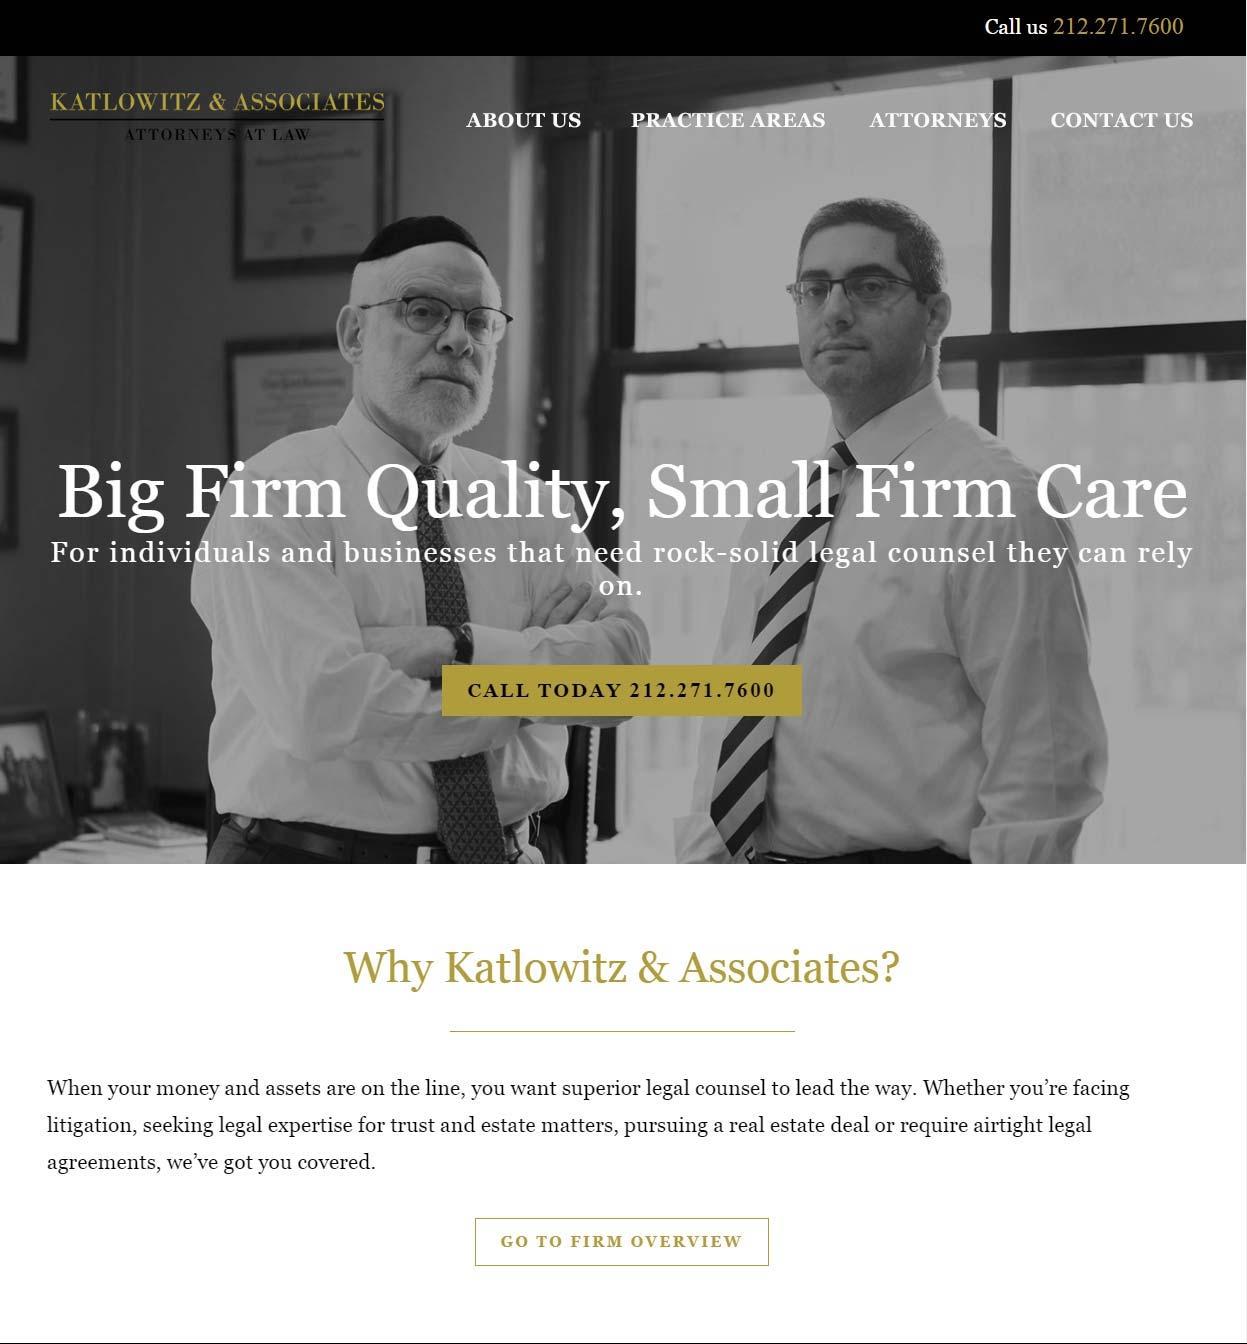 K & A website